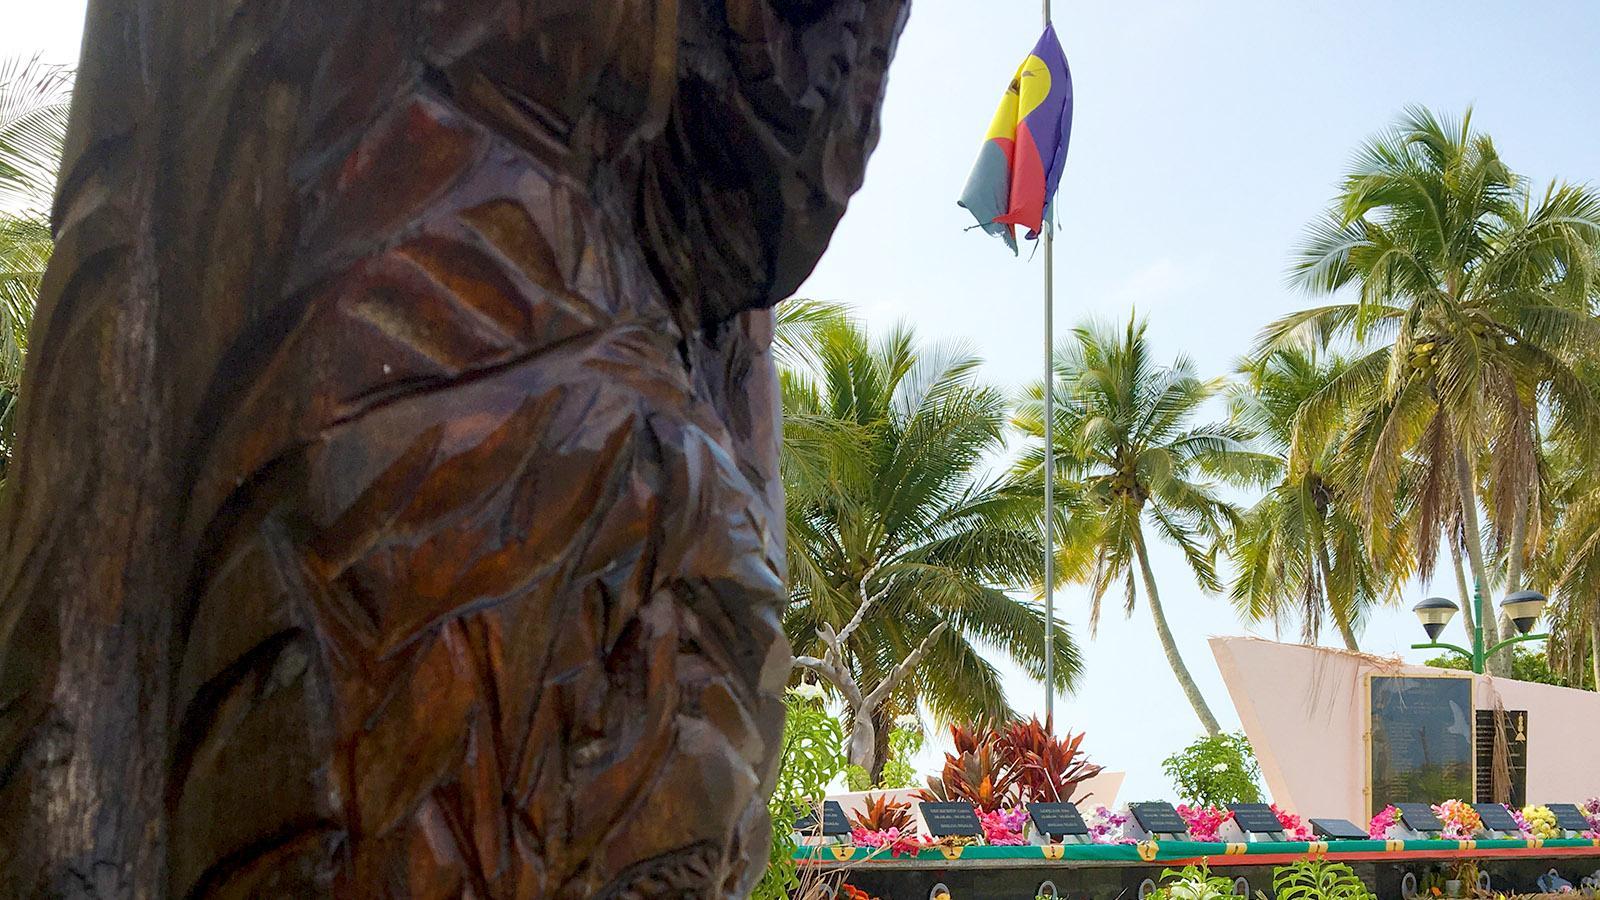 Das Mahnmal für die 19 Toten der Geiselnahme von Ouvéa und den auf der Insel ermordeten Kanaken-Führer Tjibaou. Foto: Hilke Maunder